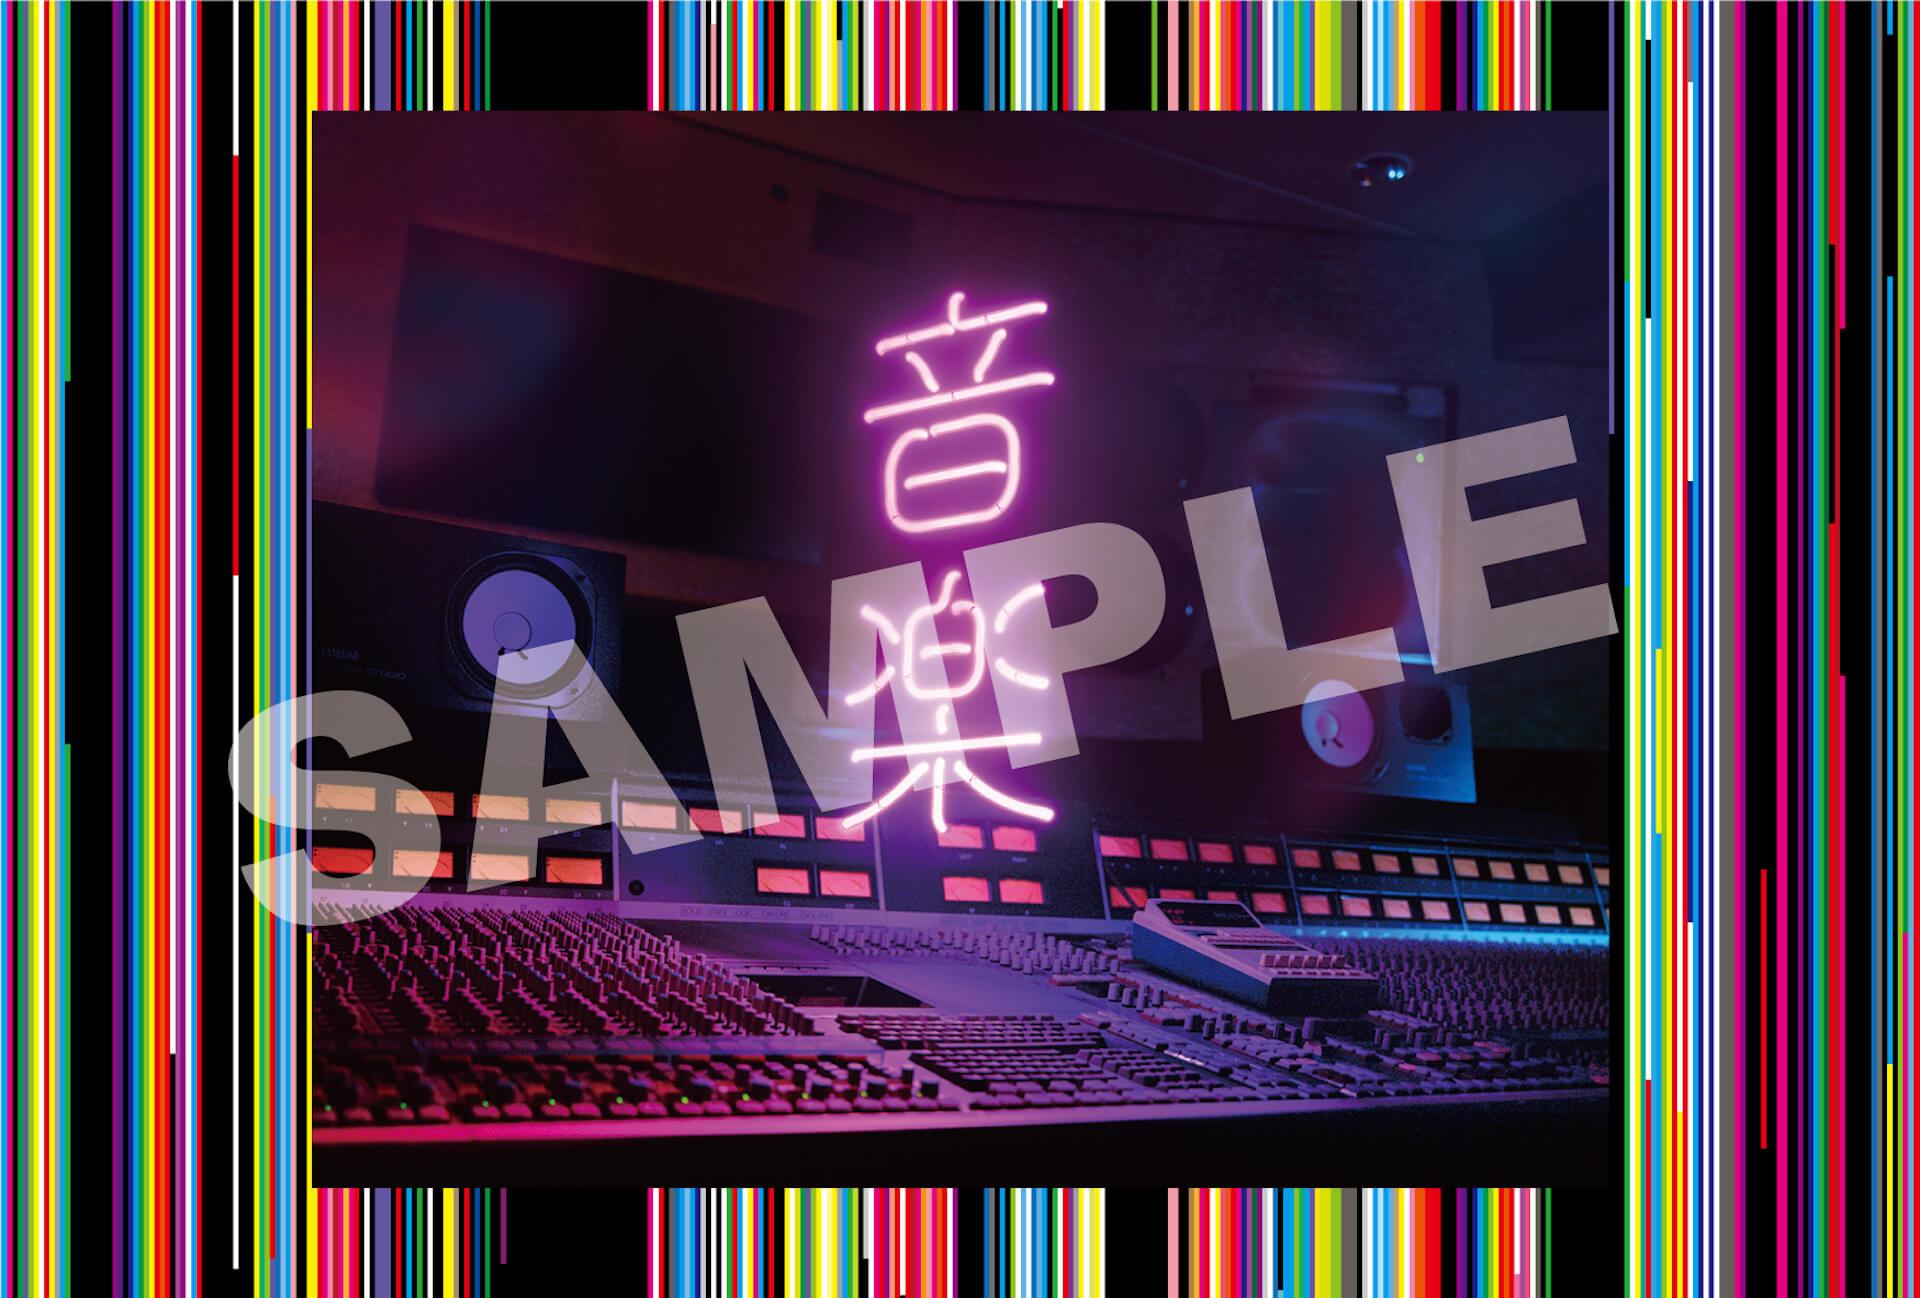 東京事変『音楽』の購入先着特典が一挙解禁!B2サイズポスターやポストカードなどラインナップ music210524_tokyoincident_1